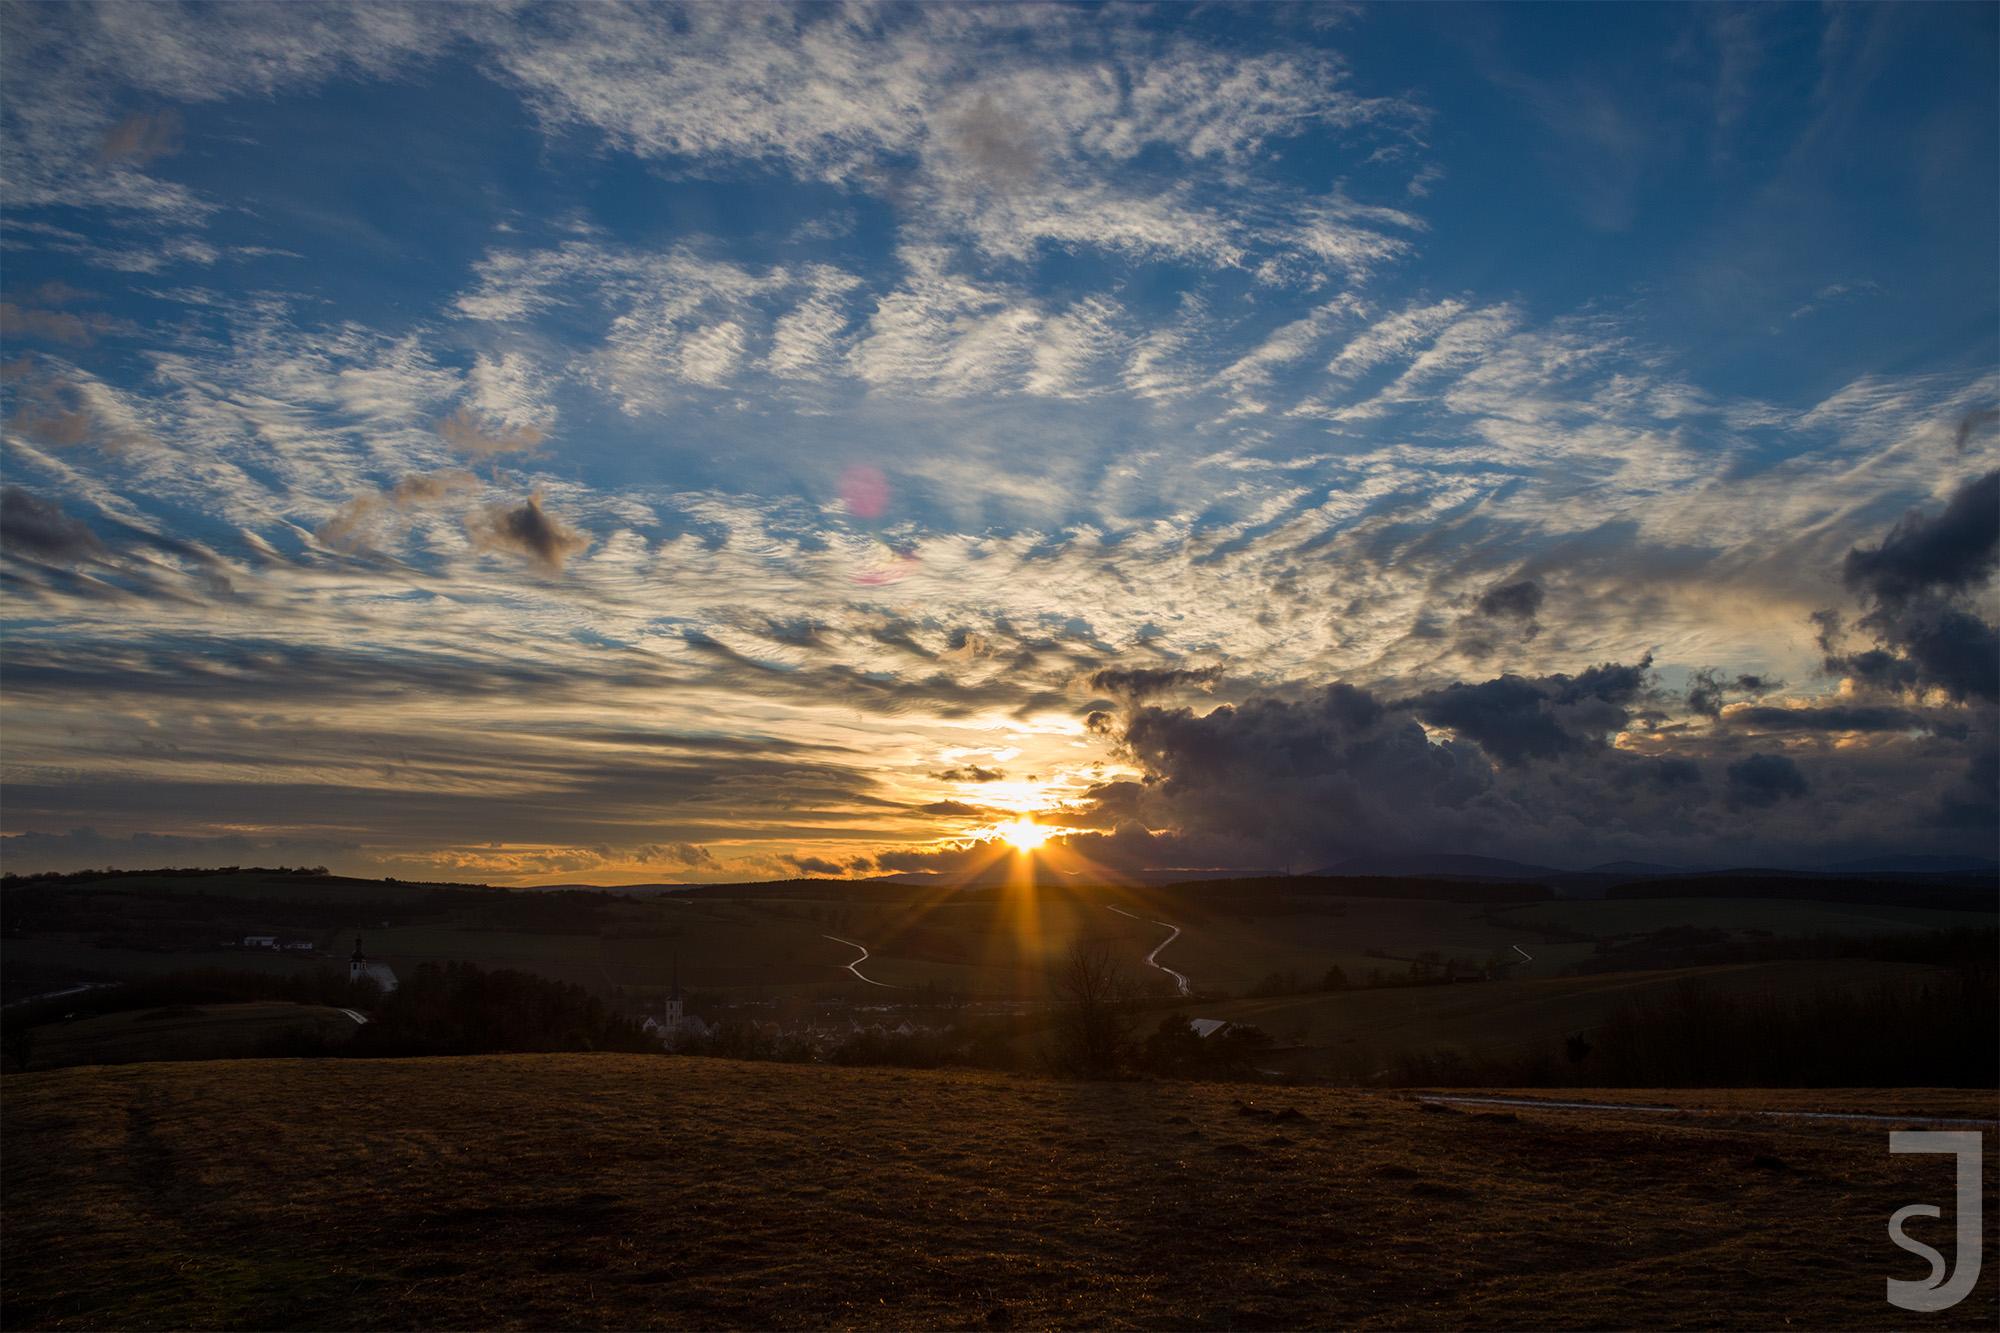 Sonnenuntergang_Heutstreu_(Wolken),_Rhön-Grabfeld